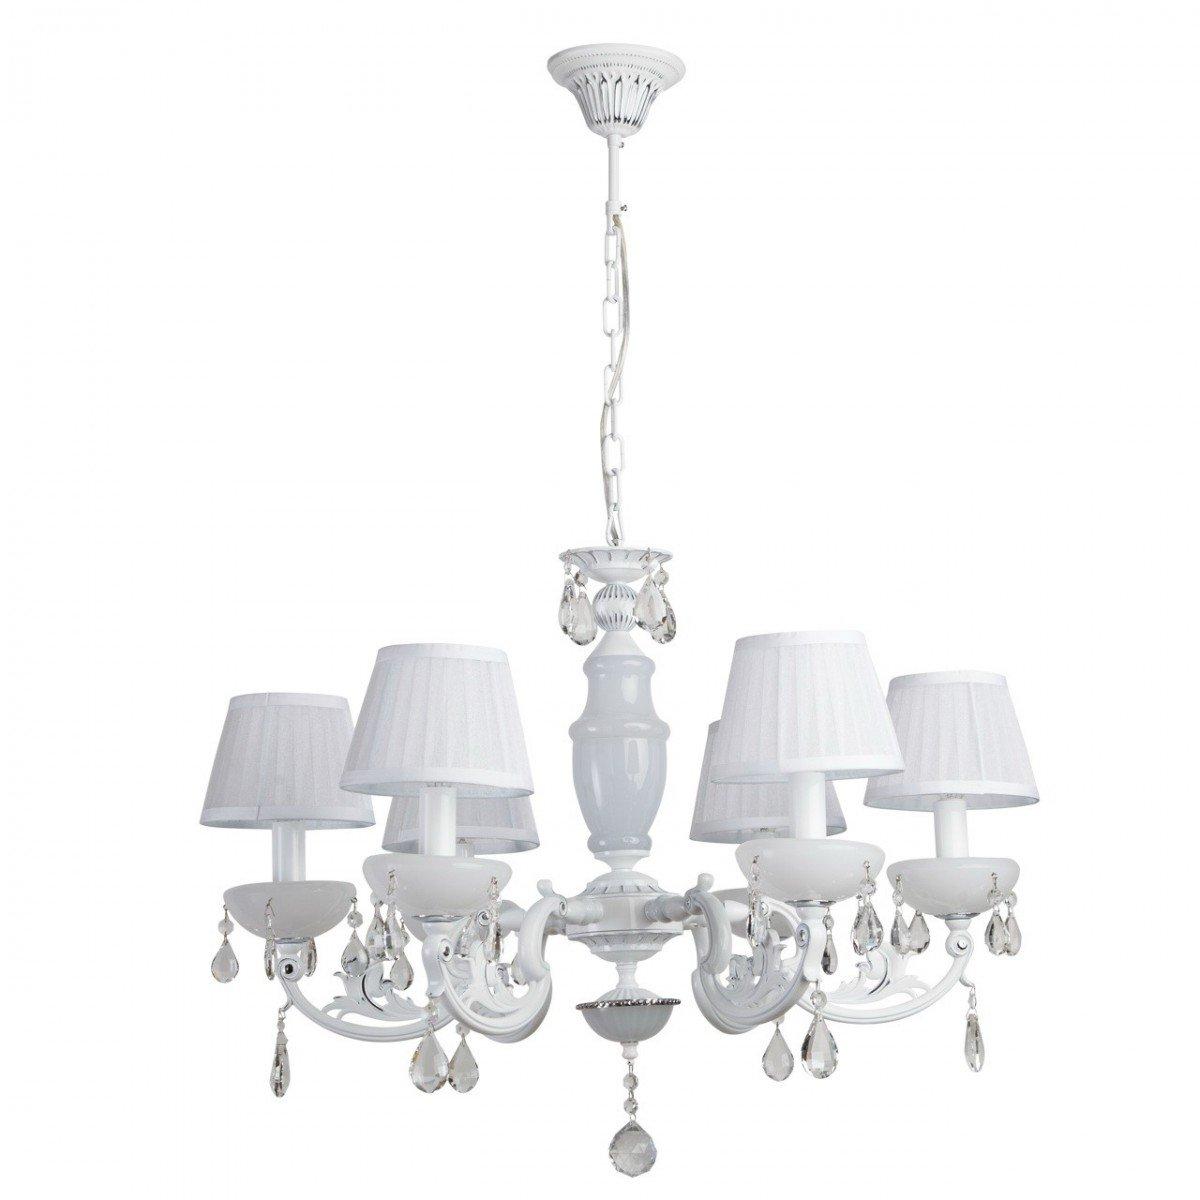 Deckenleuchte Deckenlampe Lampe Leuchte Elegance Style, Ø 70 cm, Weiß / Chrom mit Kristallen, 6 x E14 max. 60 W